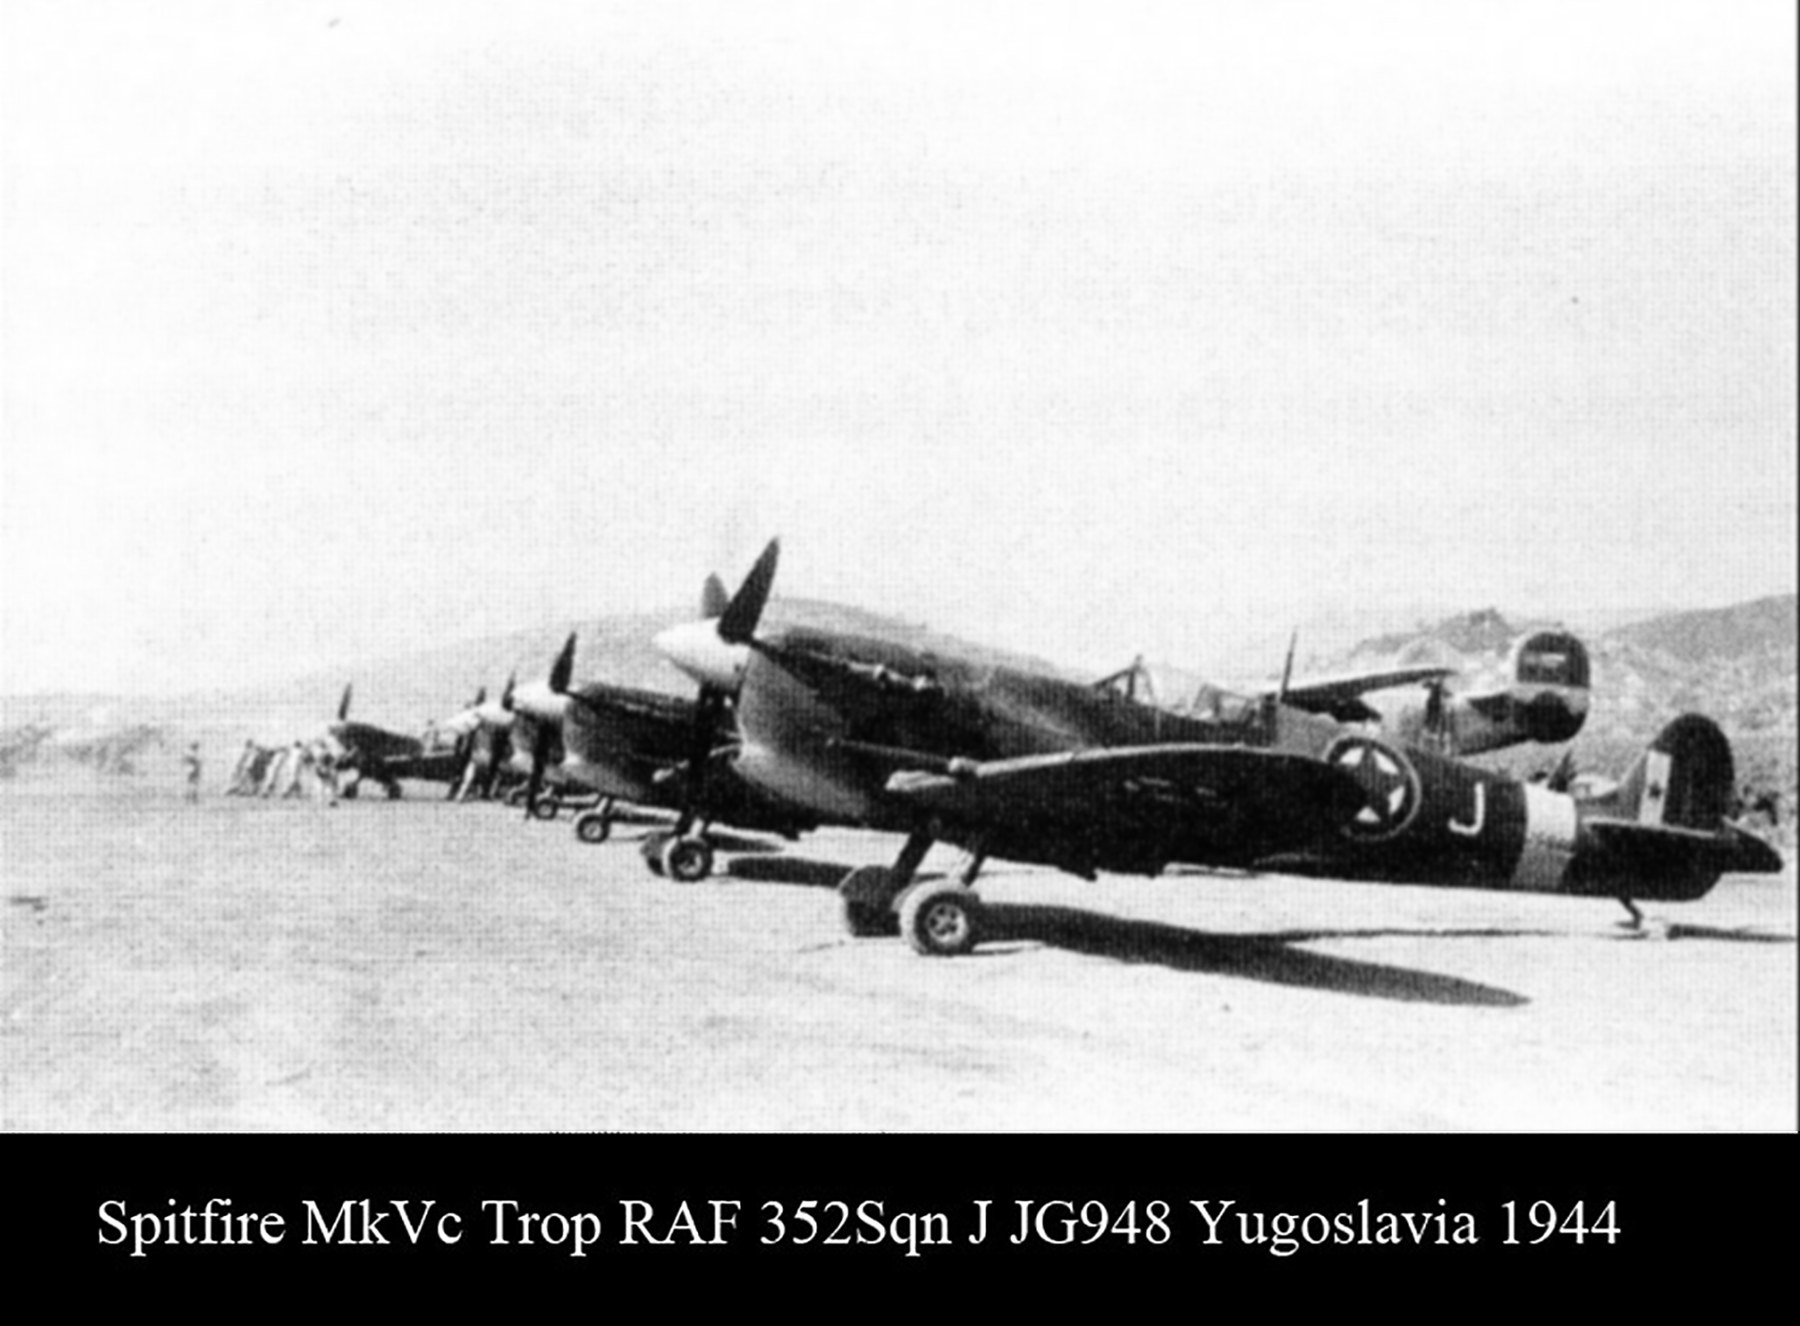 Spitfire MkVcTrop RAF 352Sqn J JG948 Yugoslavia 1944 01